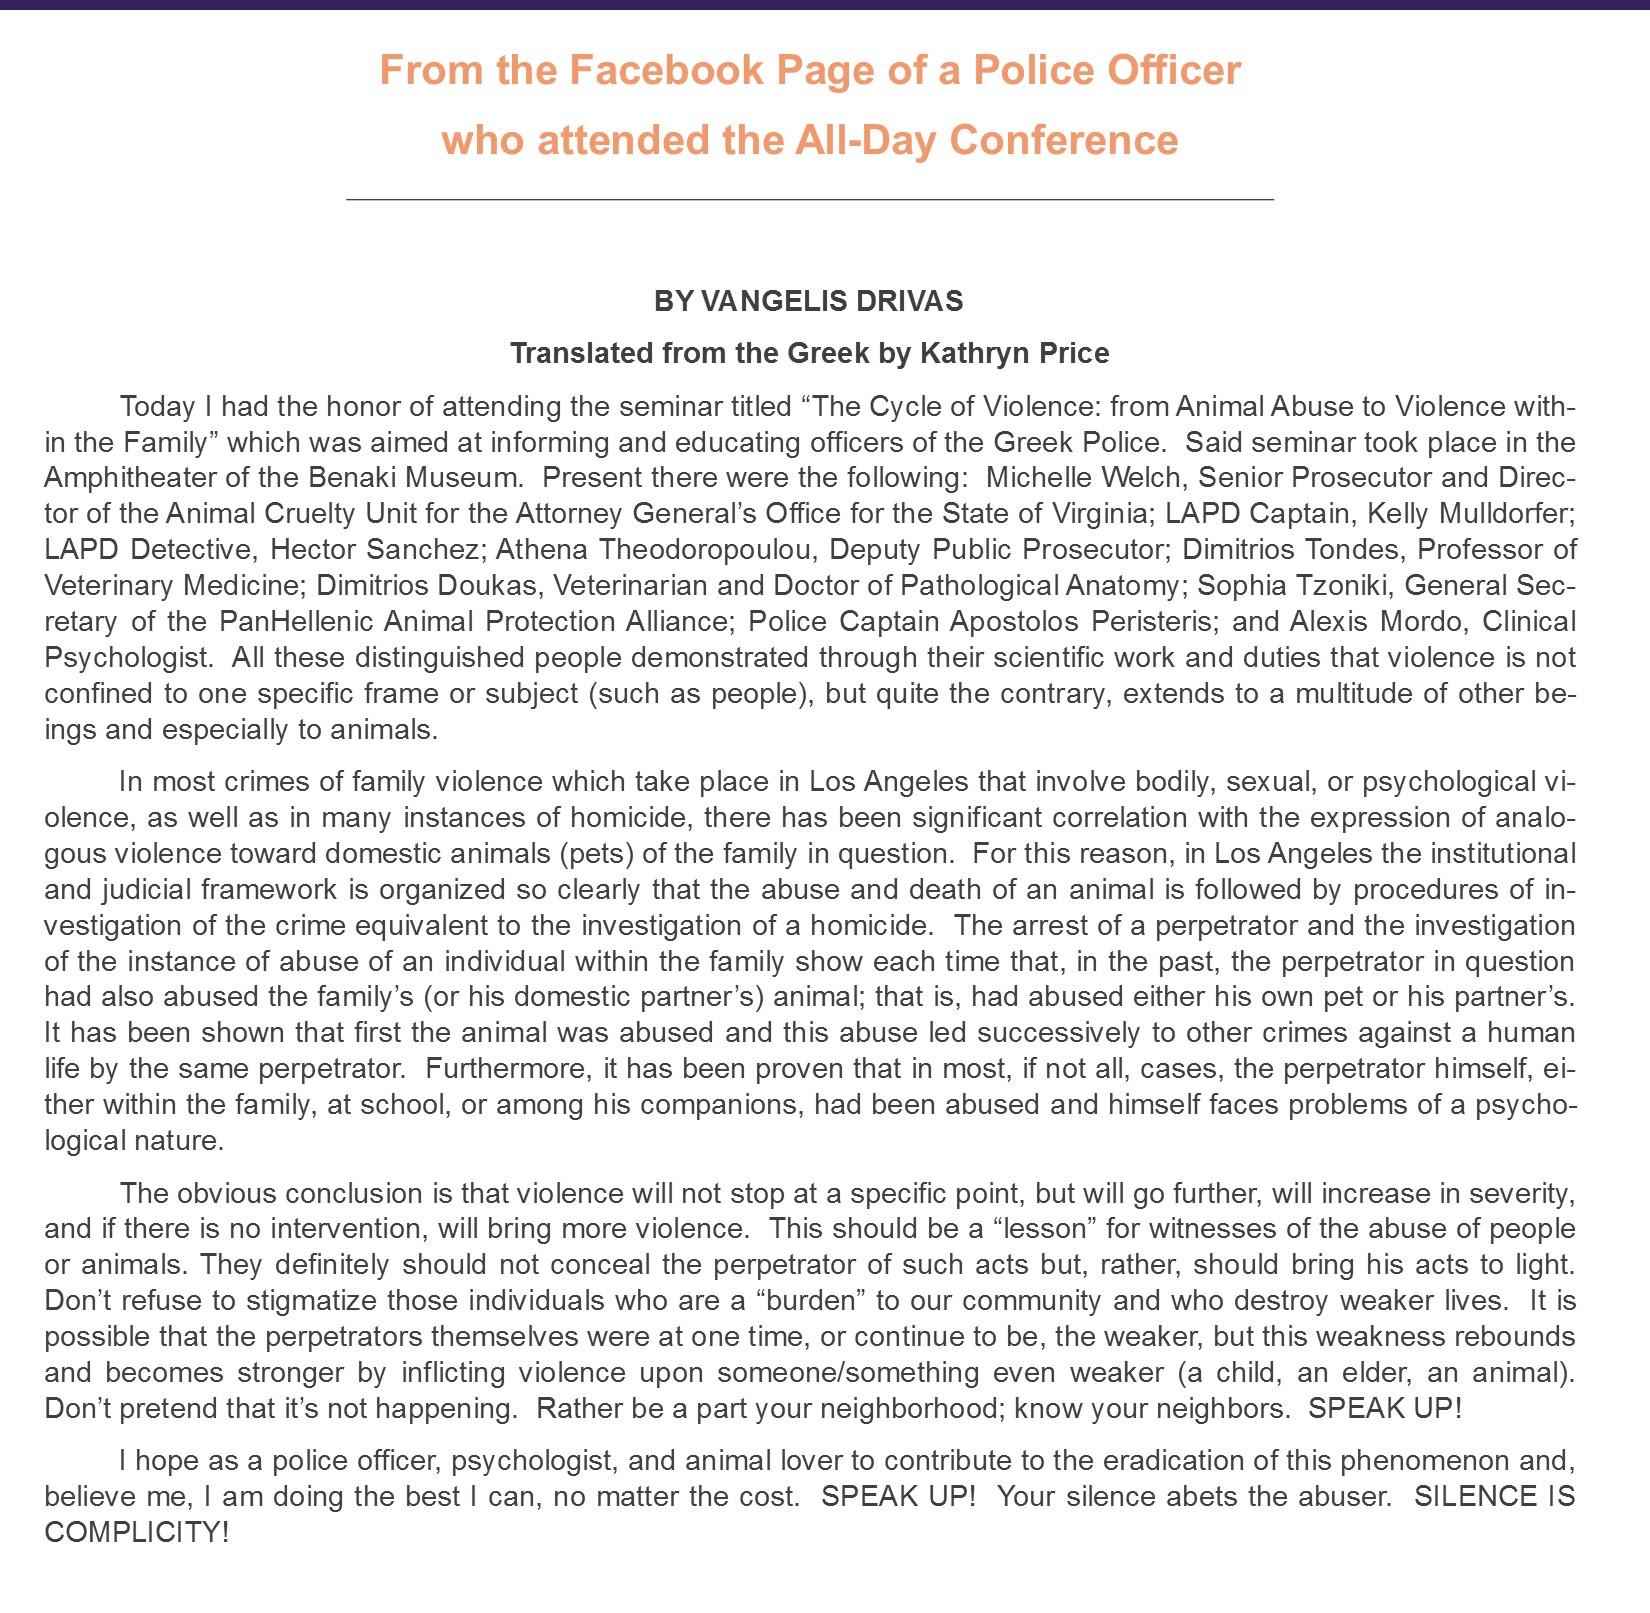 FB_POST_FROM_POLIC_OFFICER.jpg